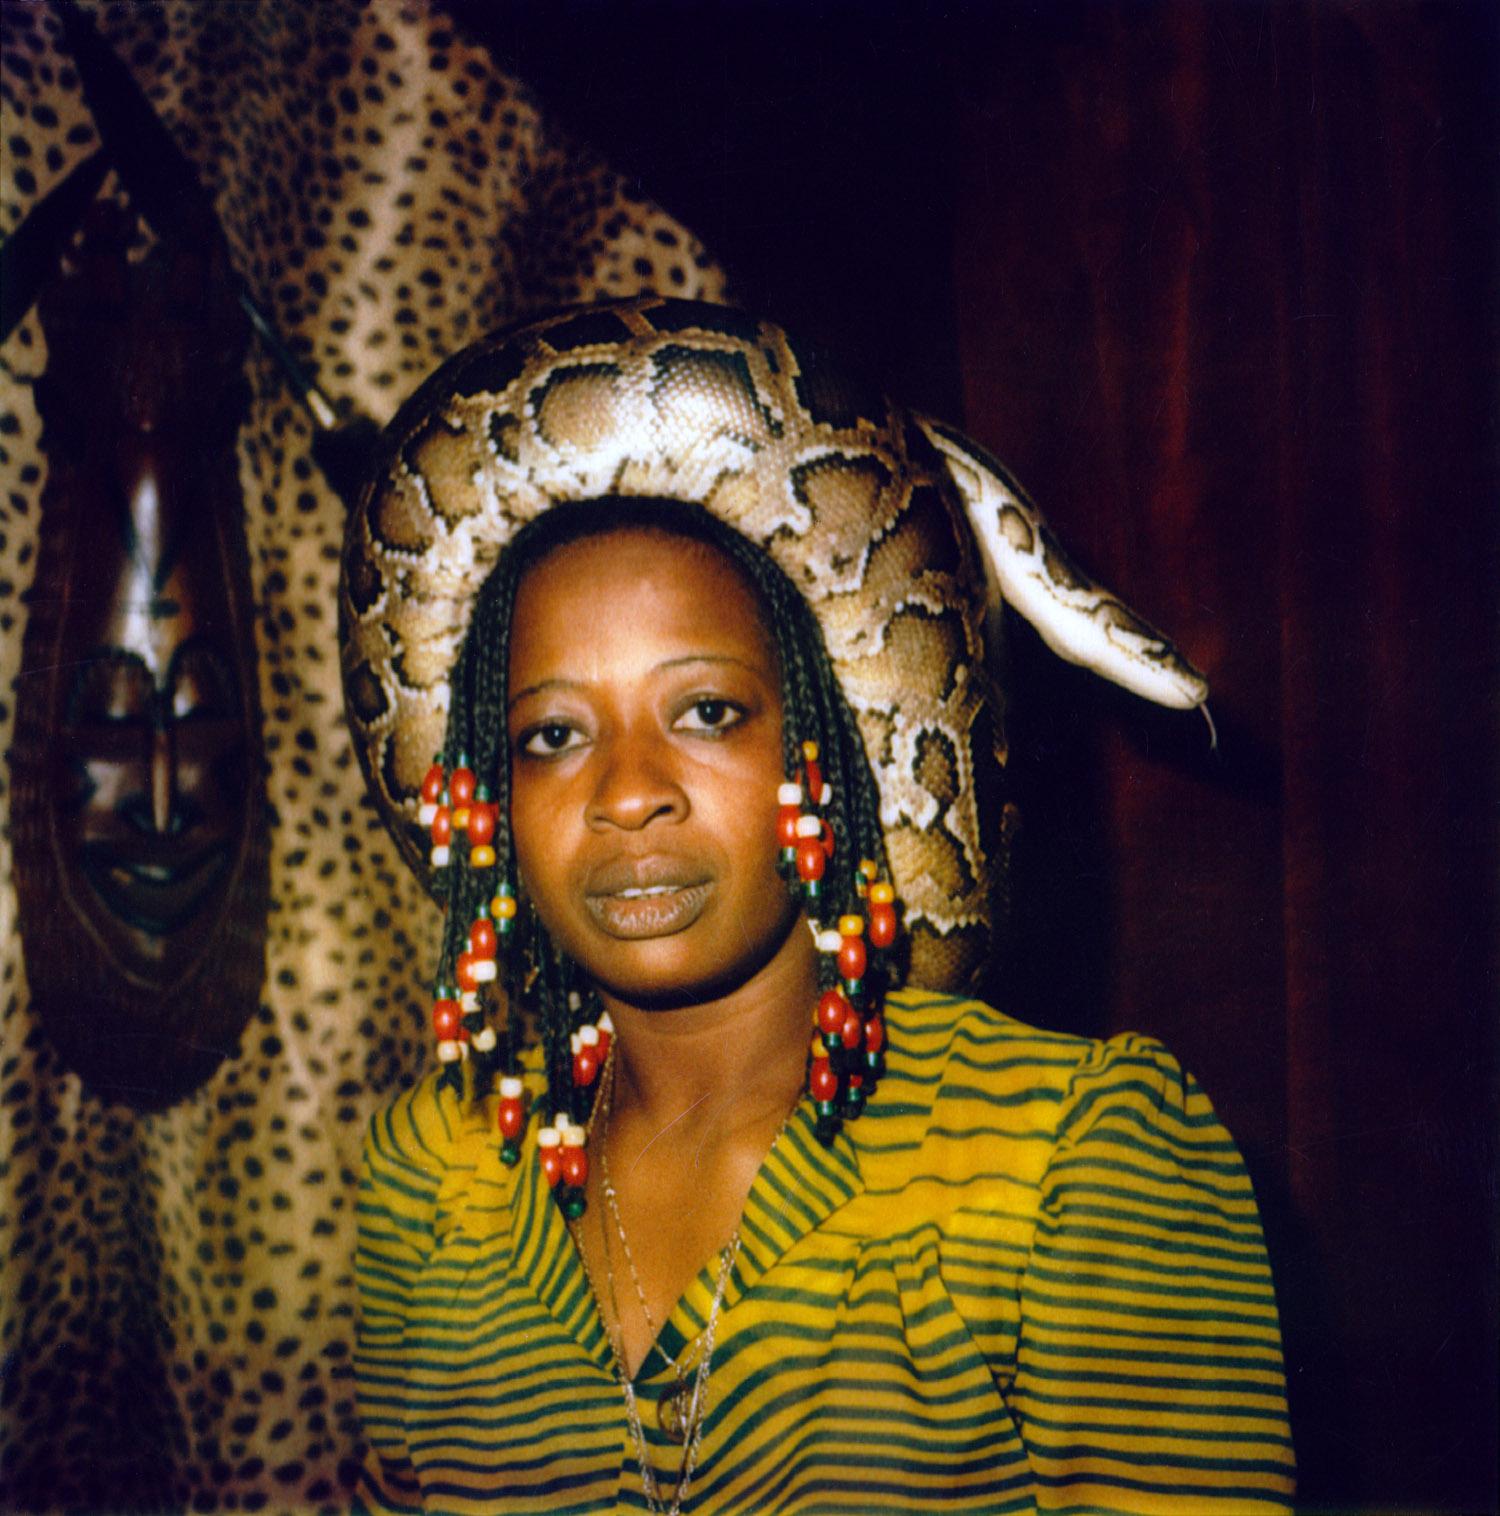 Woman wearing life snake at Chez Tony